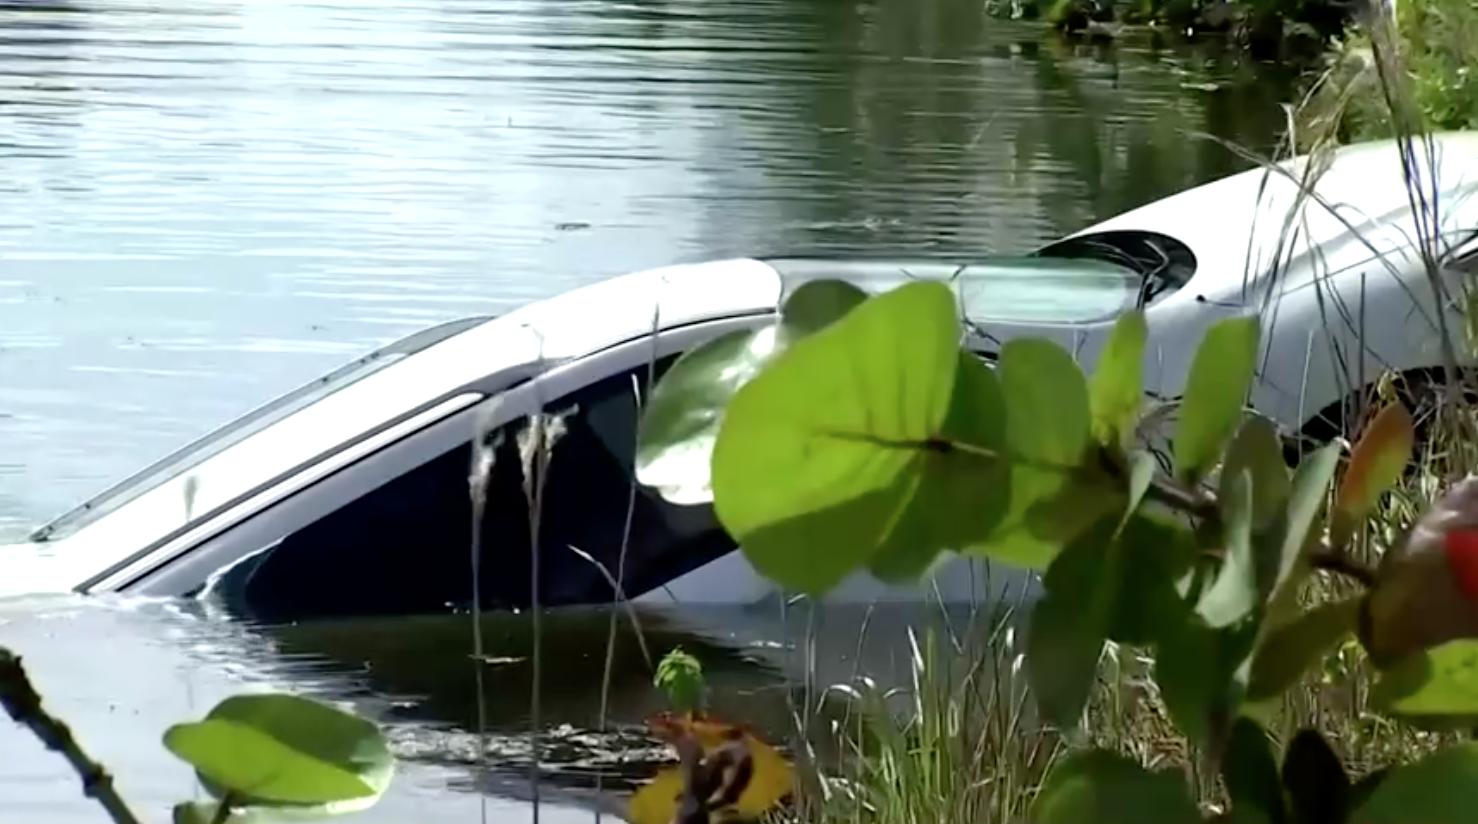 Chiếc xe Nissan có liên quan đến vụ nổ súng hàng loạt tại quận Miami-Dade được tìm thấy dưới một con rạch